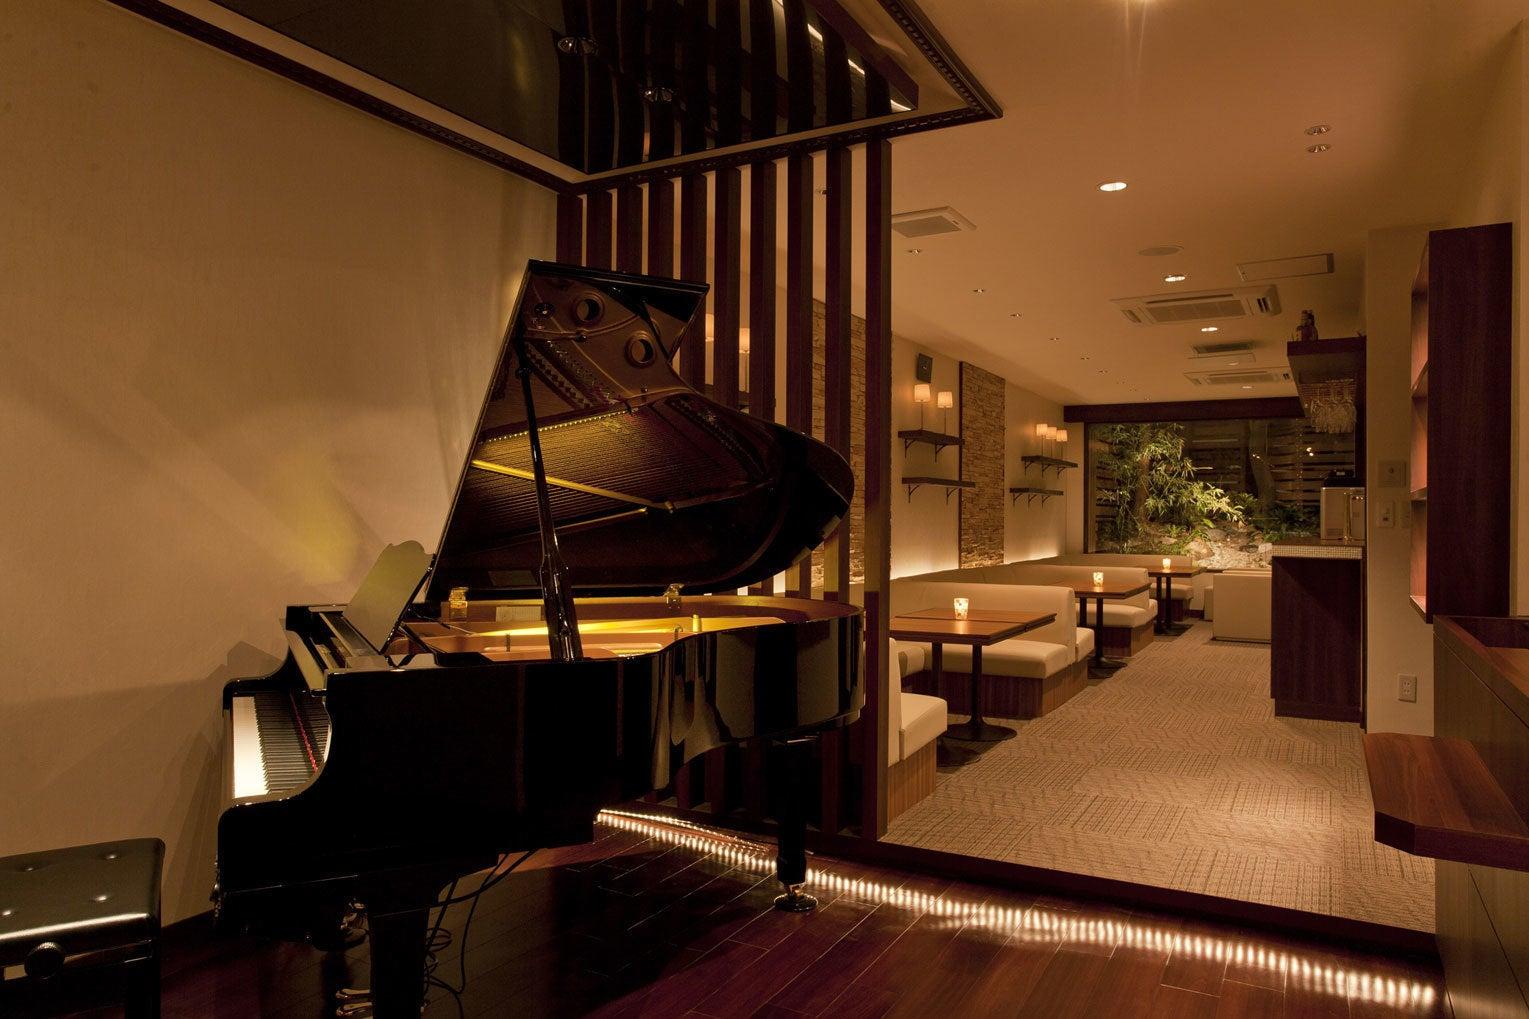 《東大赤門前》ピアノと庭園があるカフェダイニング(《東大赤門前》ピアノと庭園があるカフェダイニング) の写真0